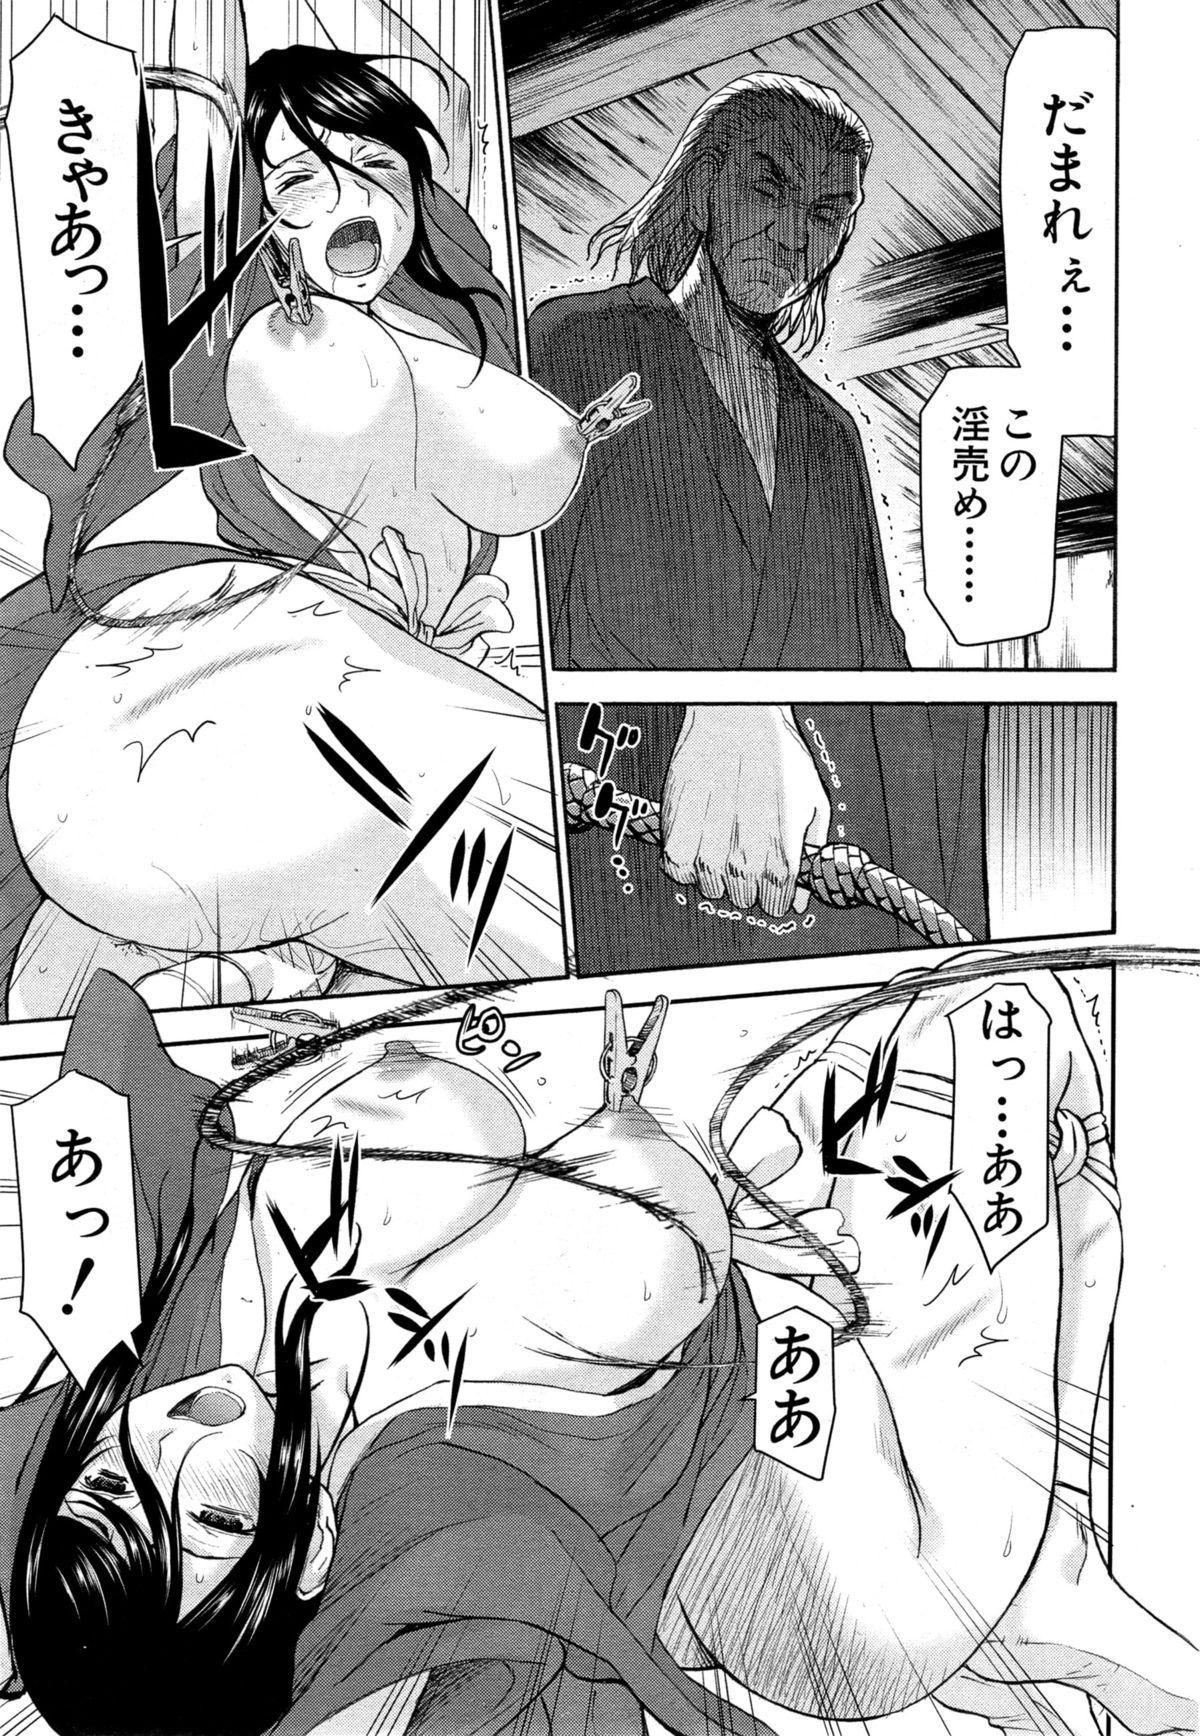 Zashikihime no Omocha Ch. 1-6 8